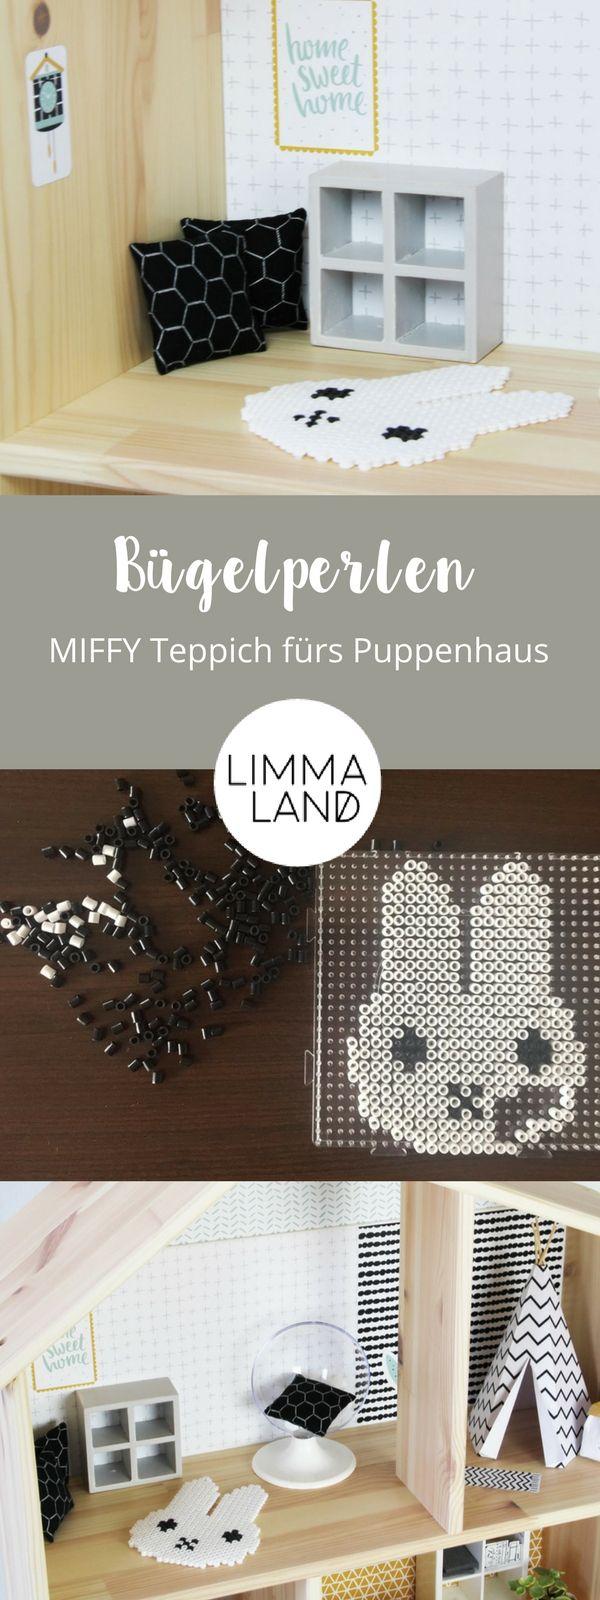 ikea b gelperlen und damit miffy teppich f r puppenhaus. Black Bedroom Furniture Sets. Home Design Ideas